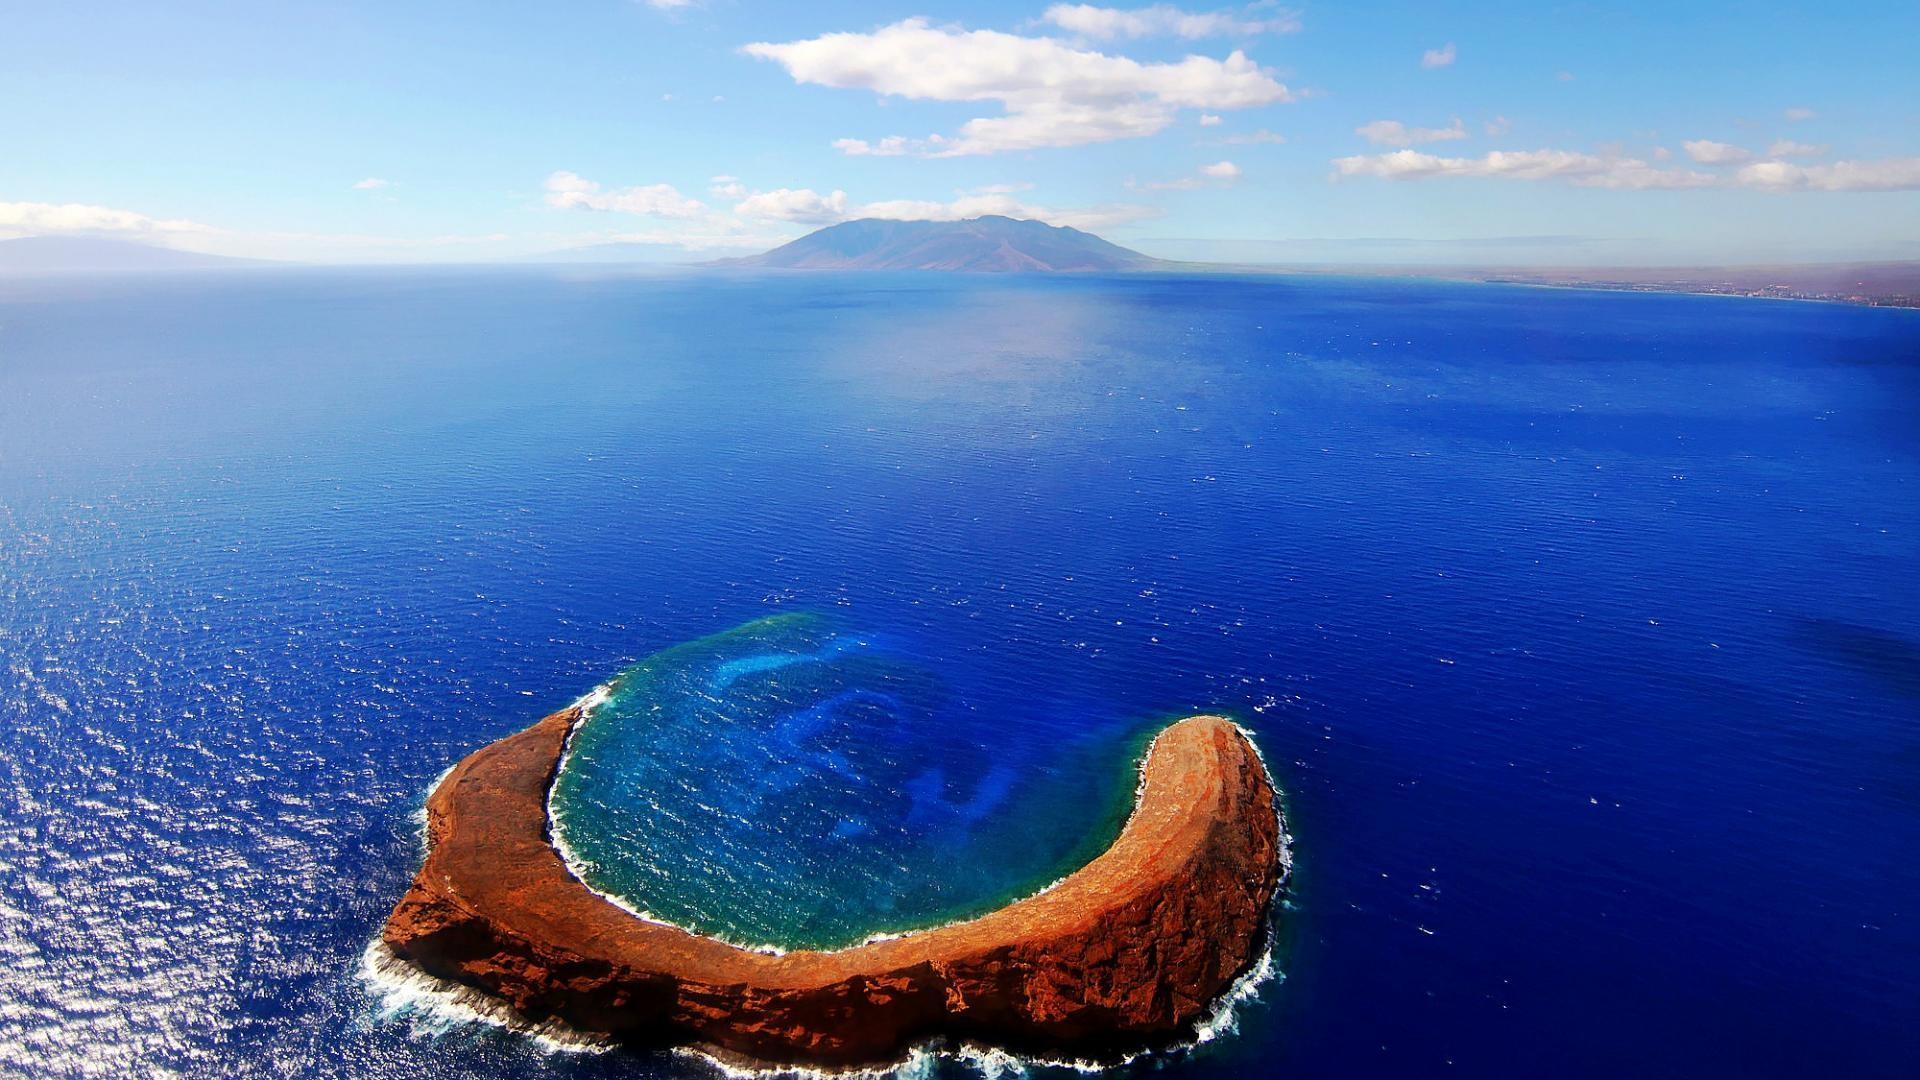 земля моря океаны картинки эпоху возрождения